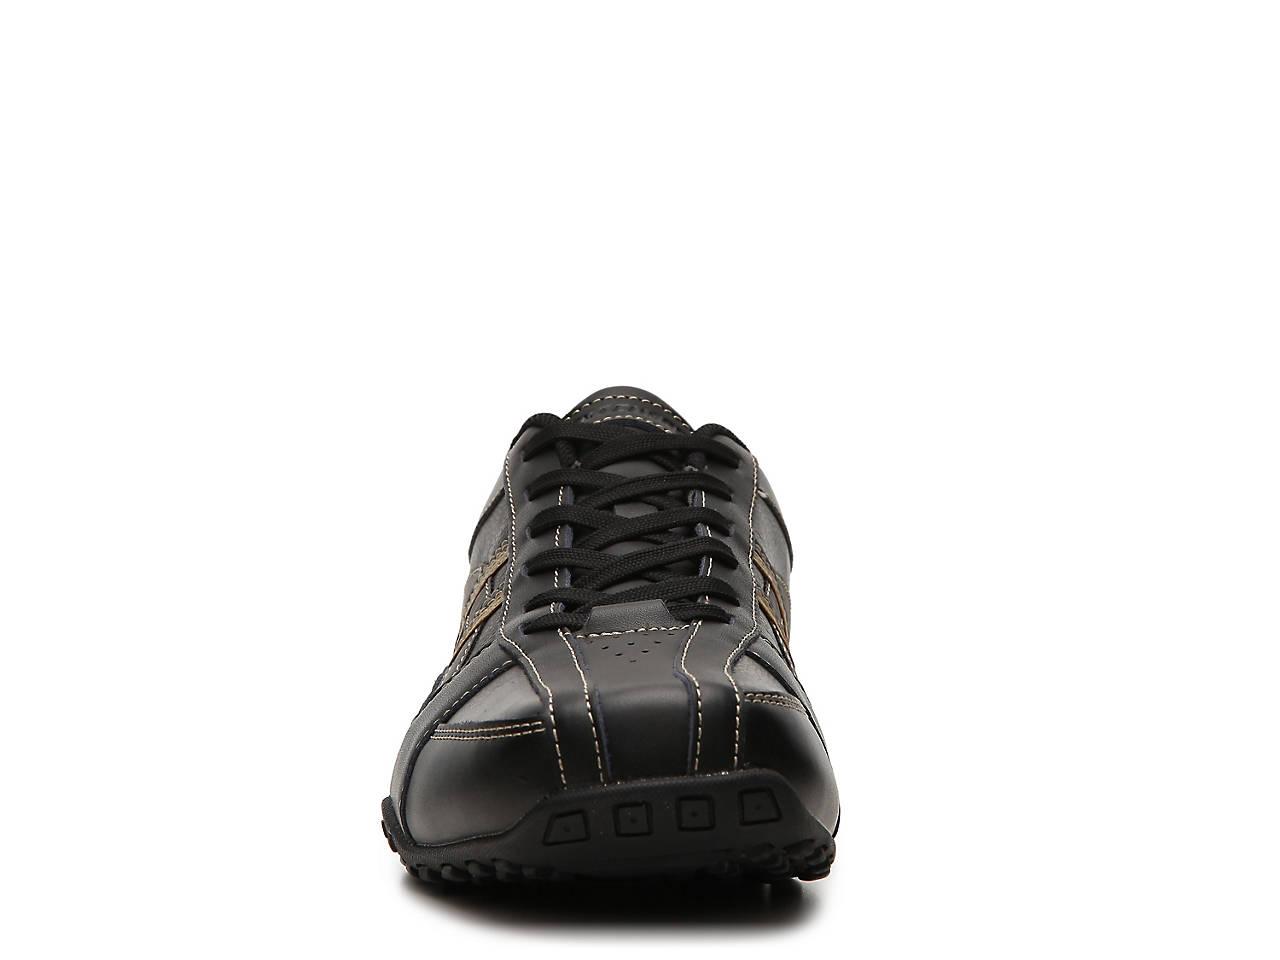 0145b246a2de Skechers Citywalk Malton Sneaker Men s Shoes